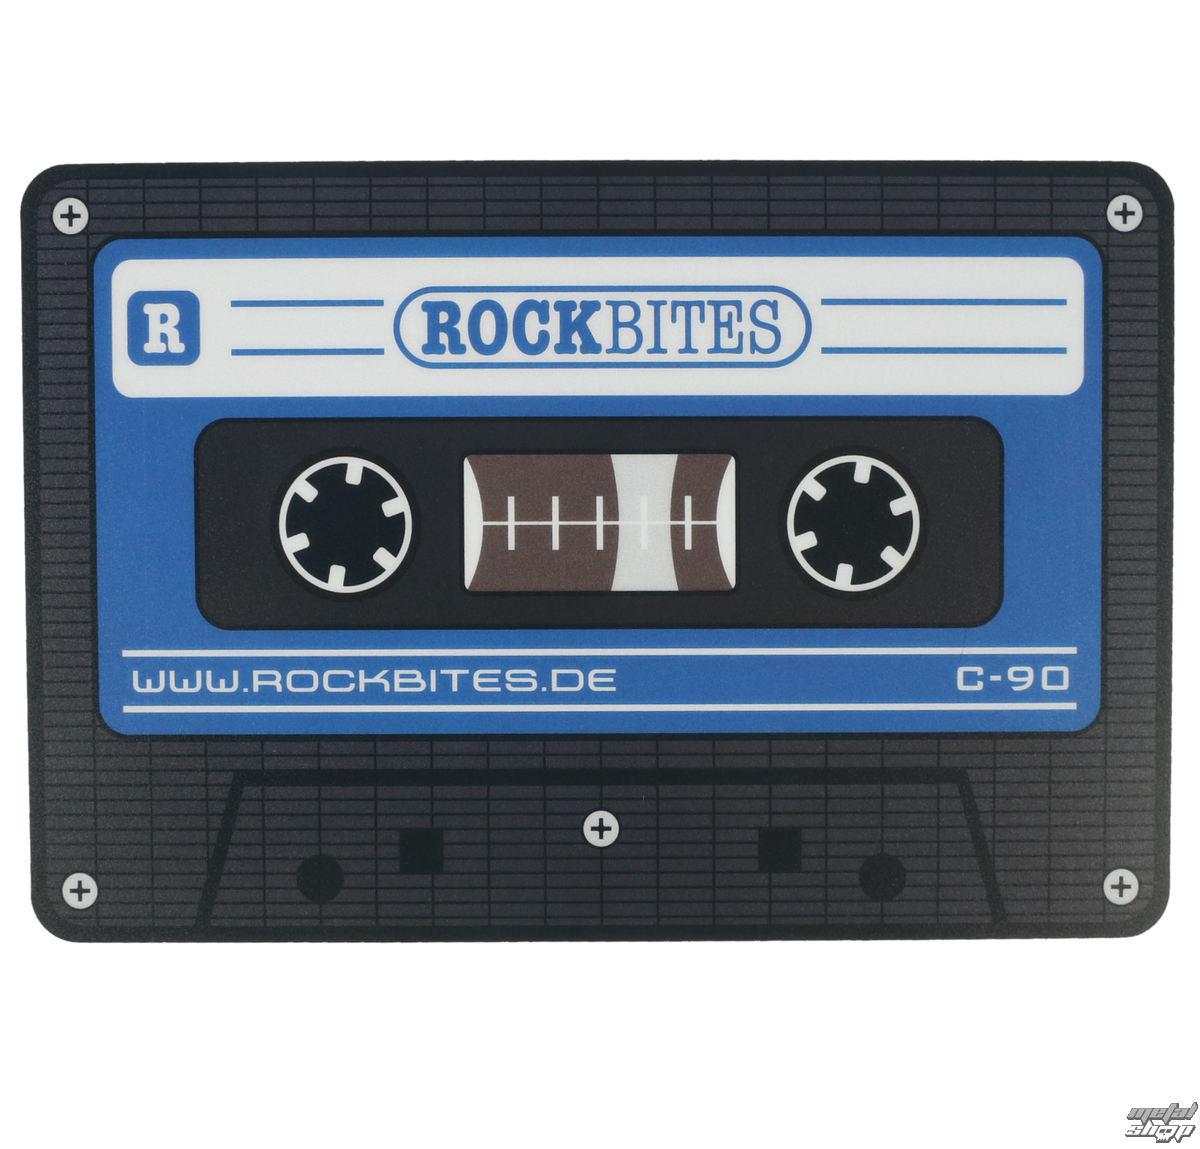 podložka pod myš Blau - Rockbites - 101190